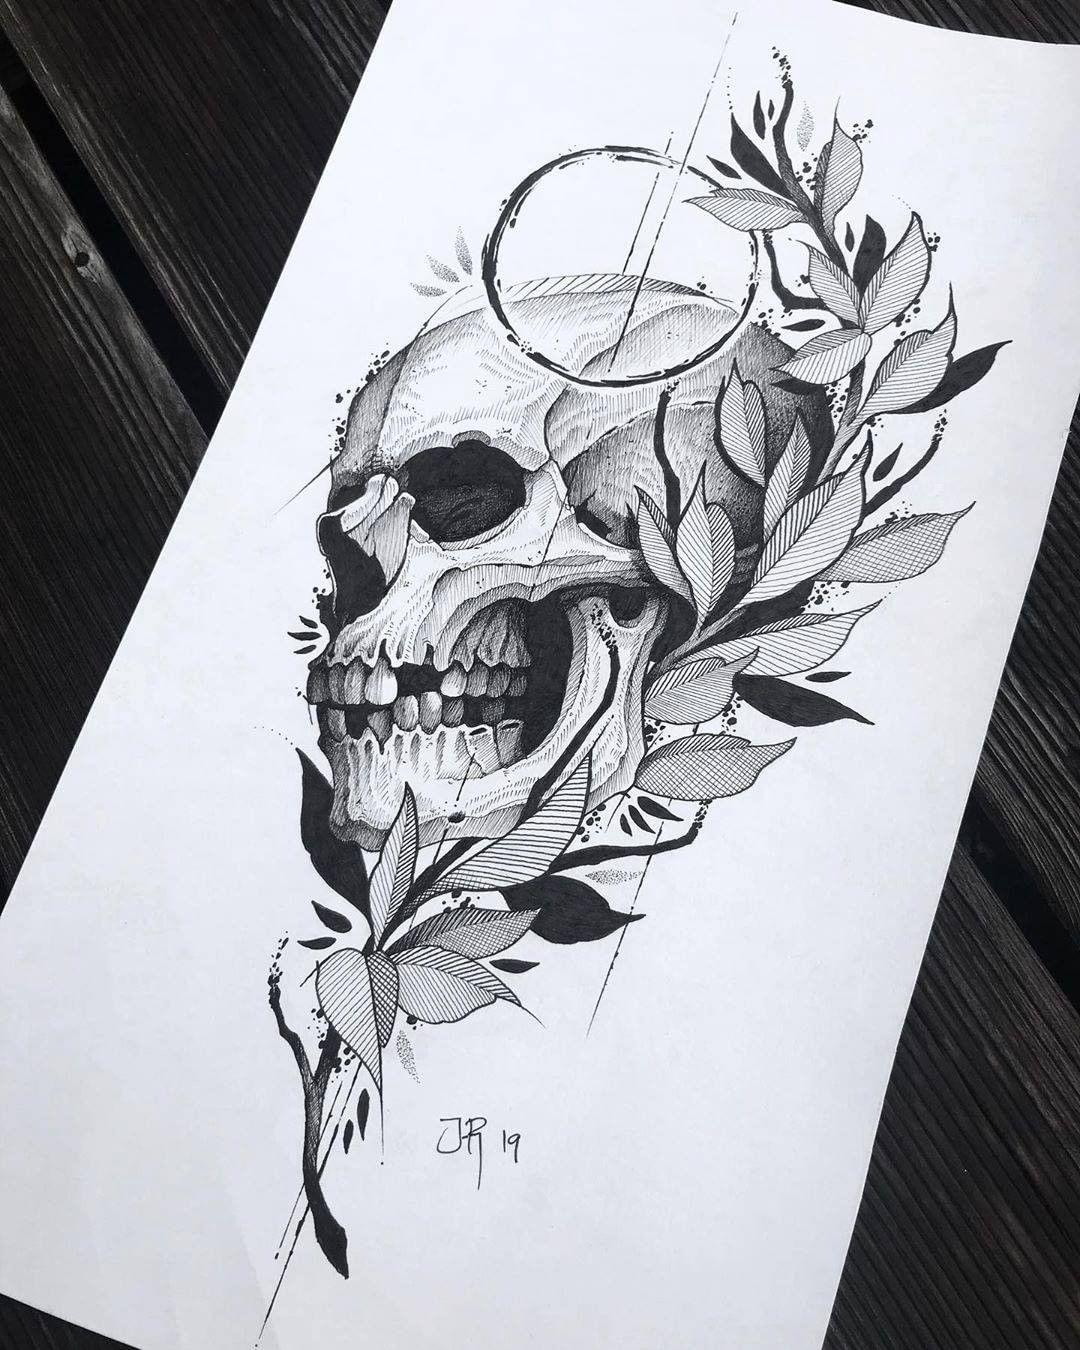 By Jakobxtattoos Sketching Sketchtattoo Tattoo Tattooart Tattoodesign In 2020 Skull Tattoo Design Tattoos Sleeve Tattoos